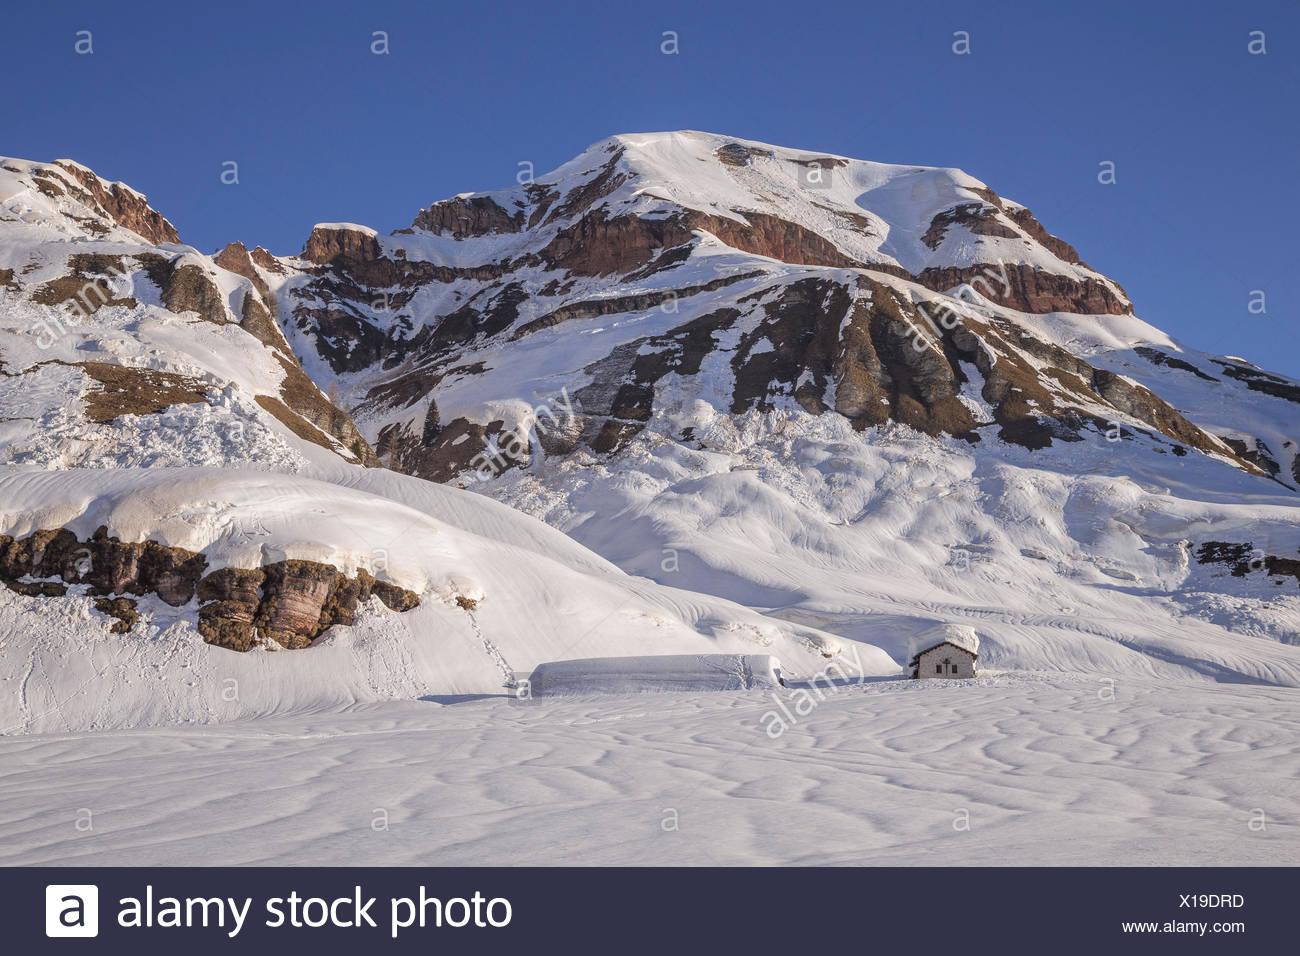 Parco delle dolomiti bellunesi ; malga Errera ; Belluno province ; Veneto region ; Italy ; Europe - Stock Image